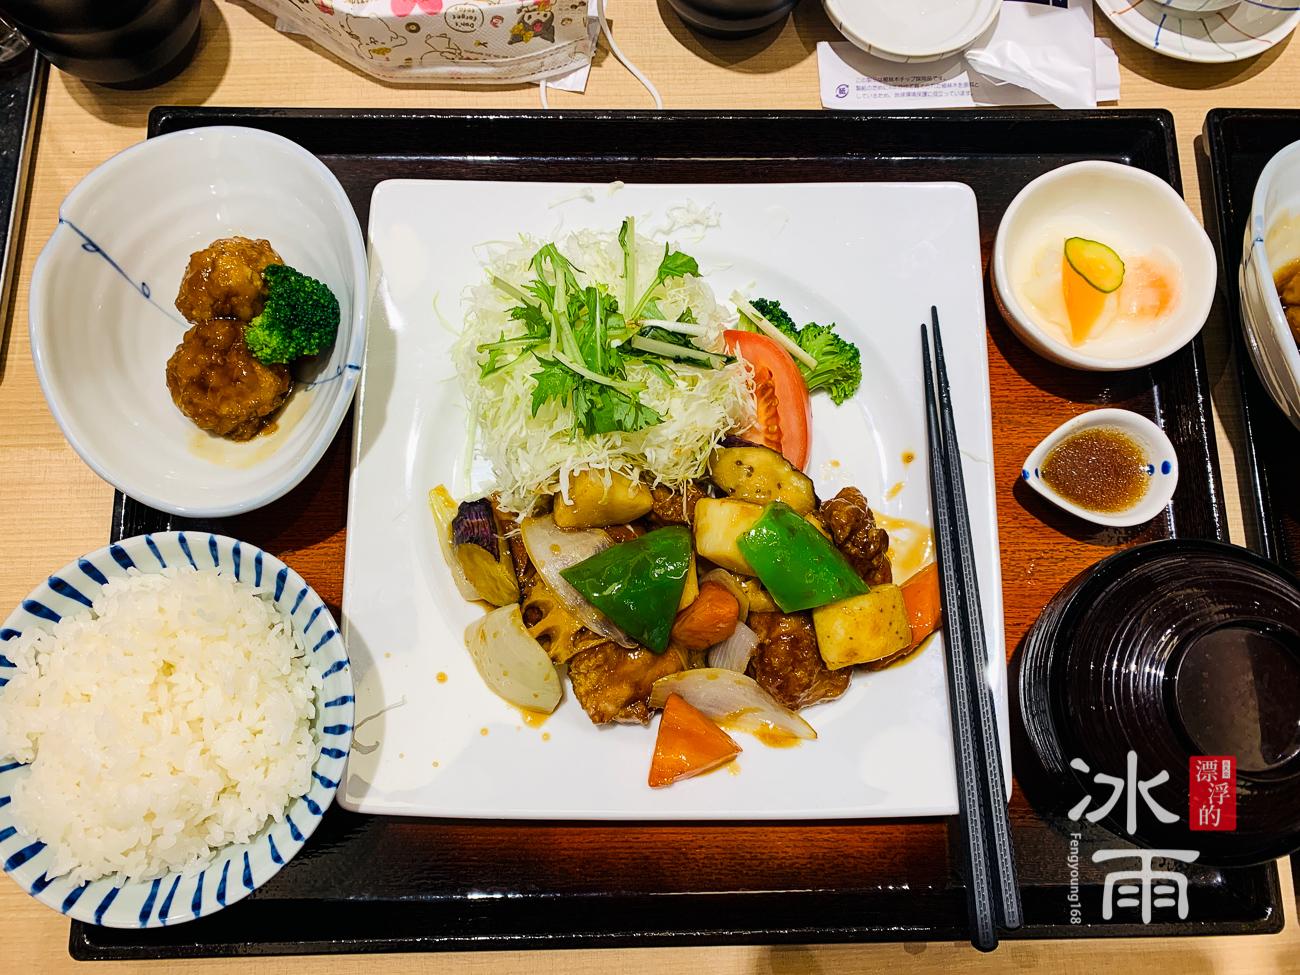 蘆洲家樂福大戶屋|炭烤雞肉香桔醋定食